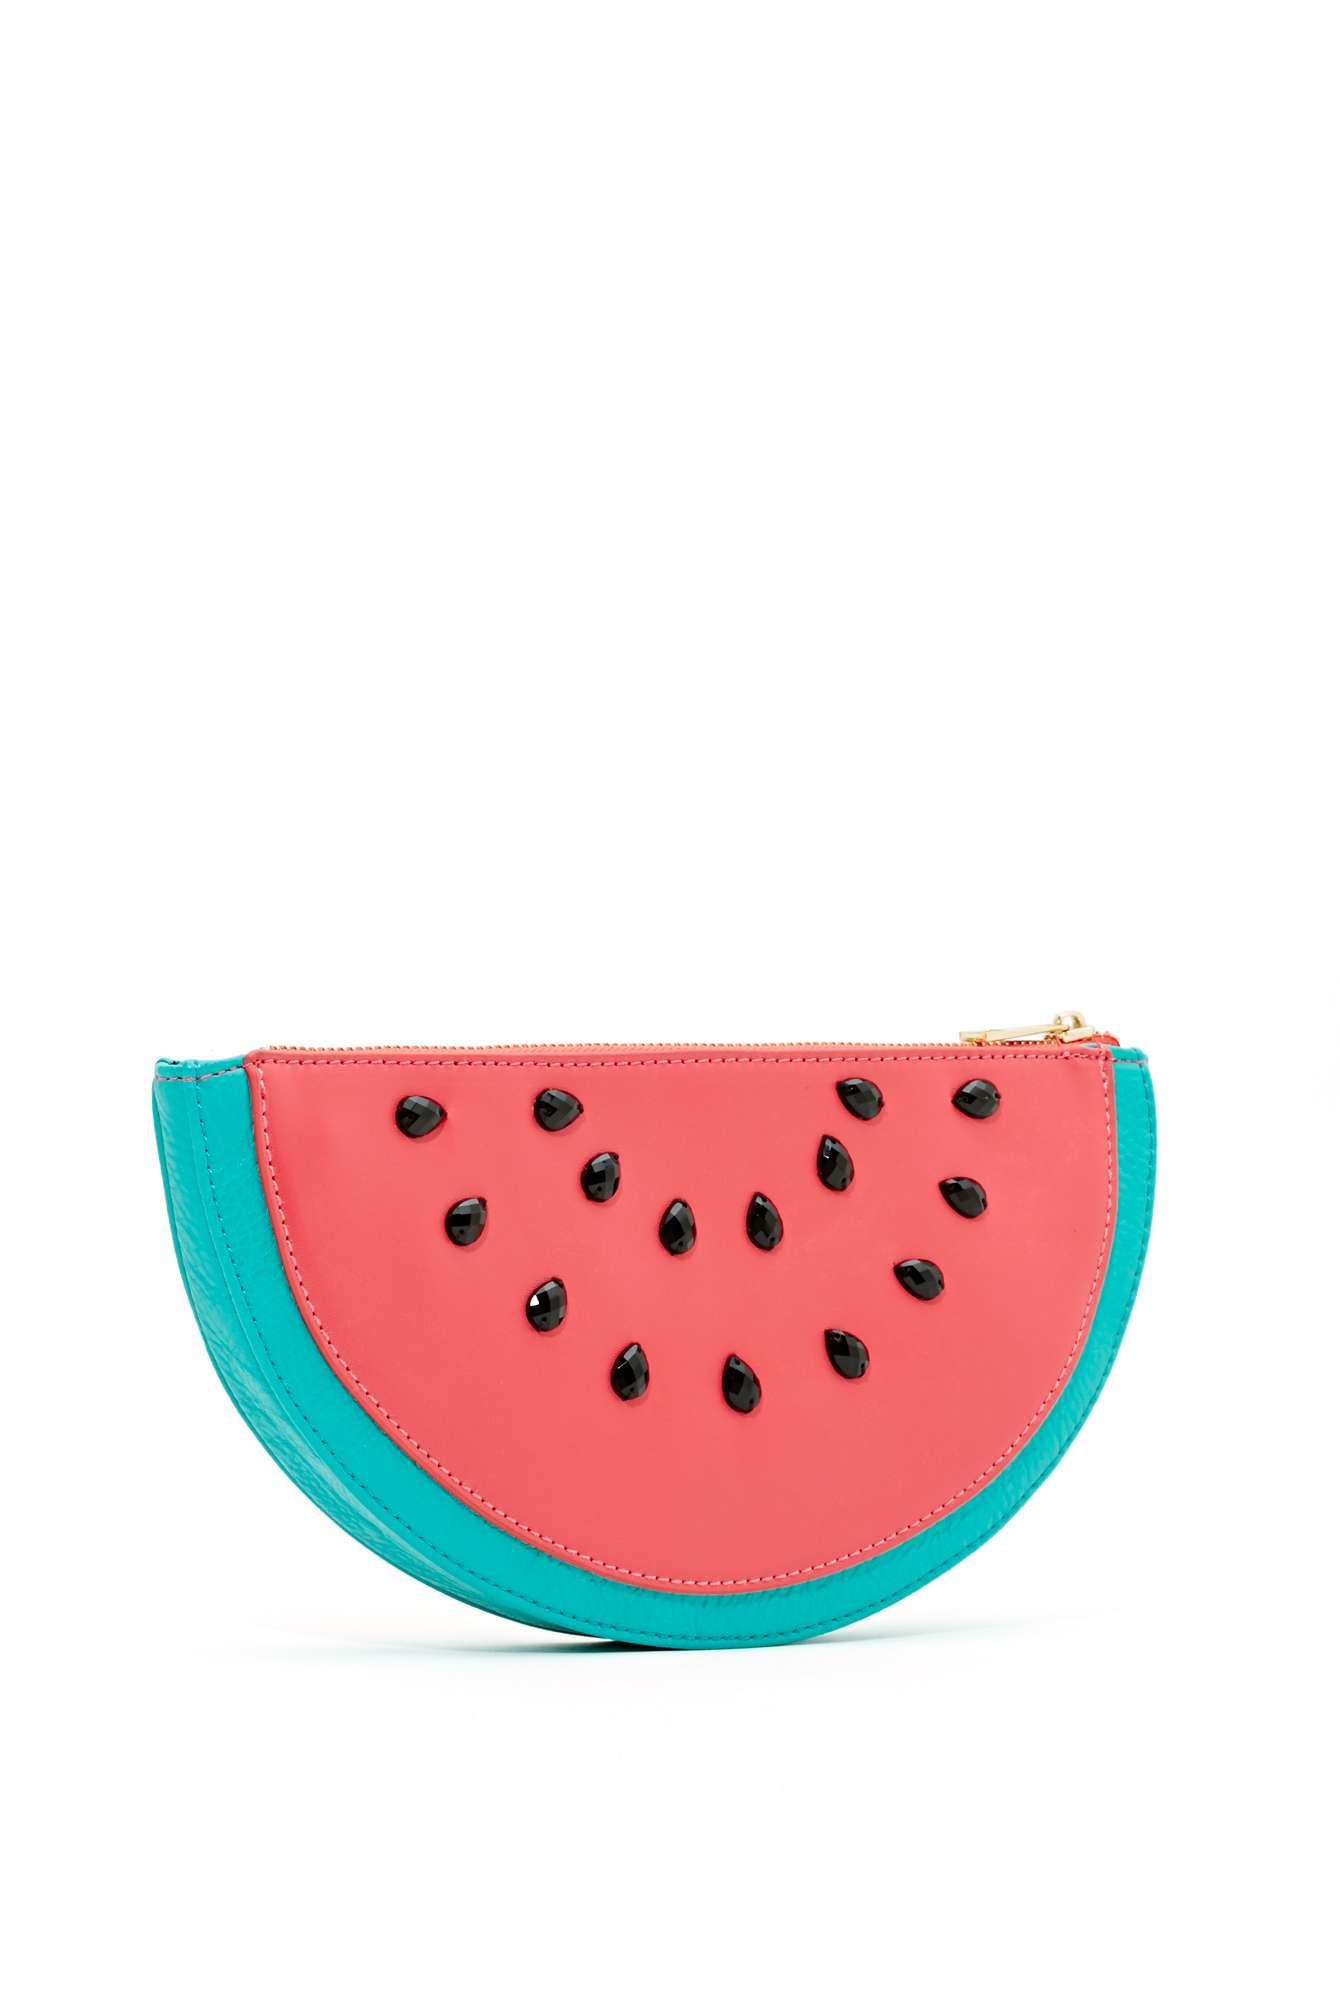 Sweet watermelon clutch